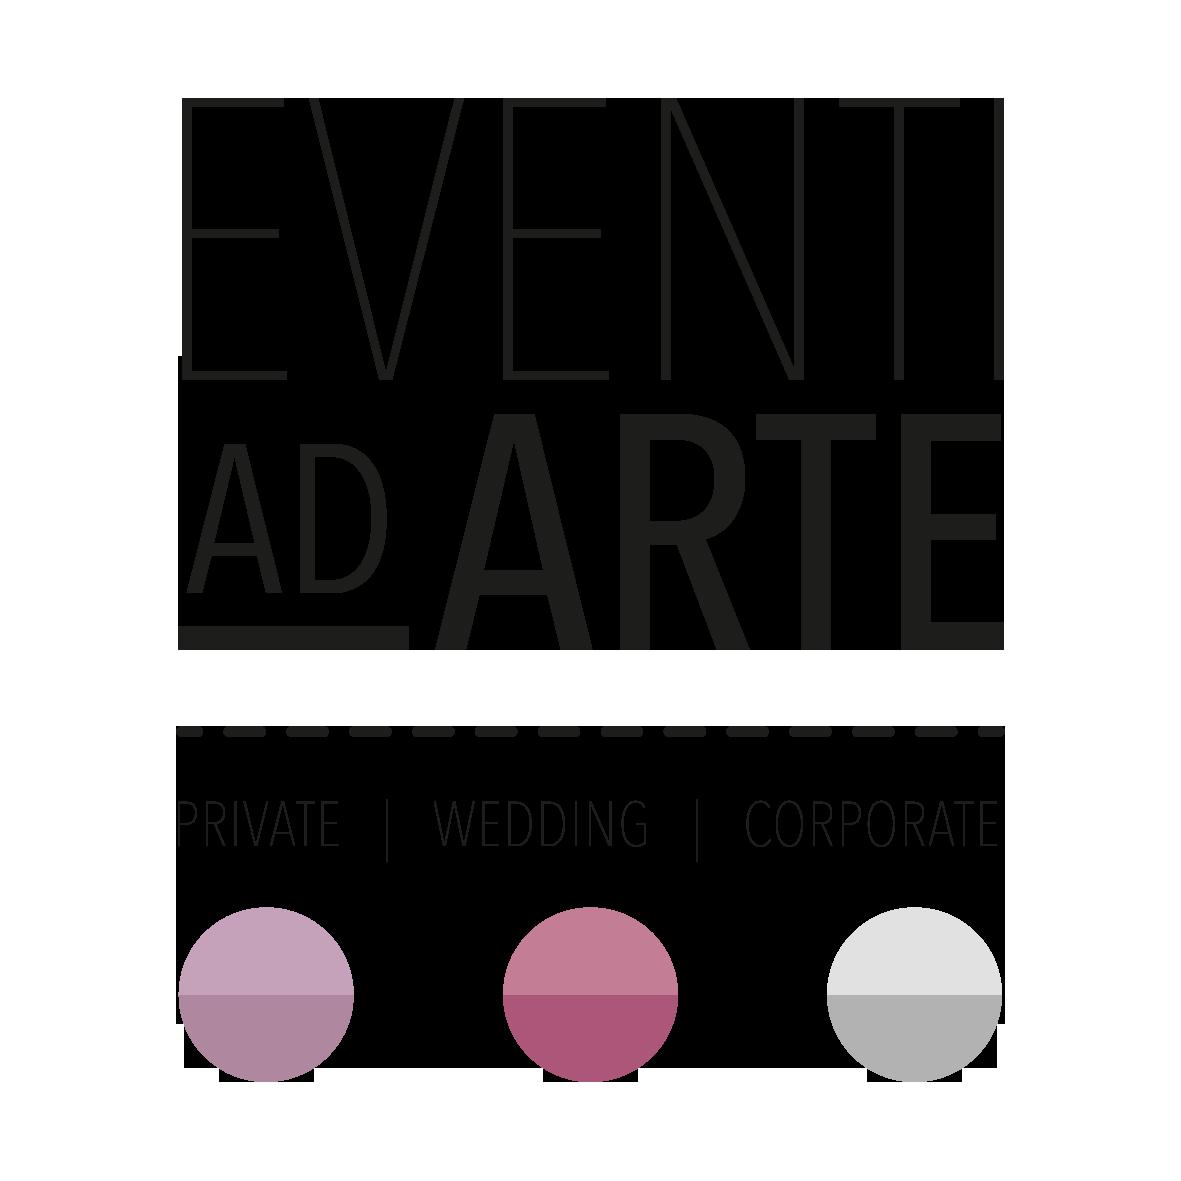 logo eventi ad arte